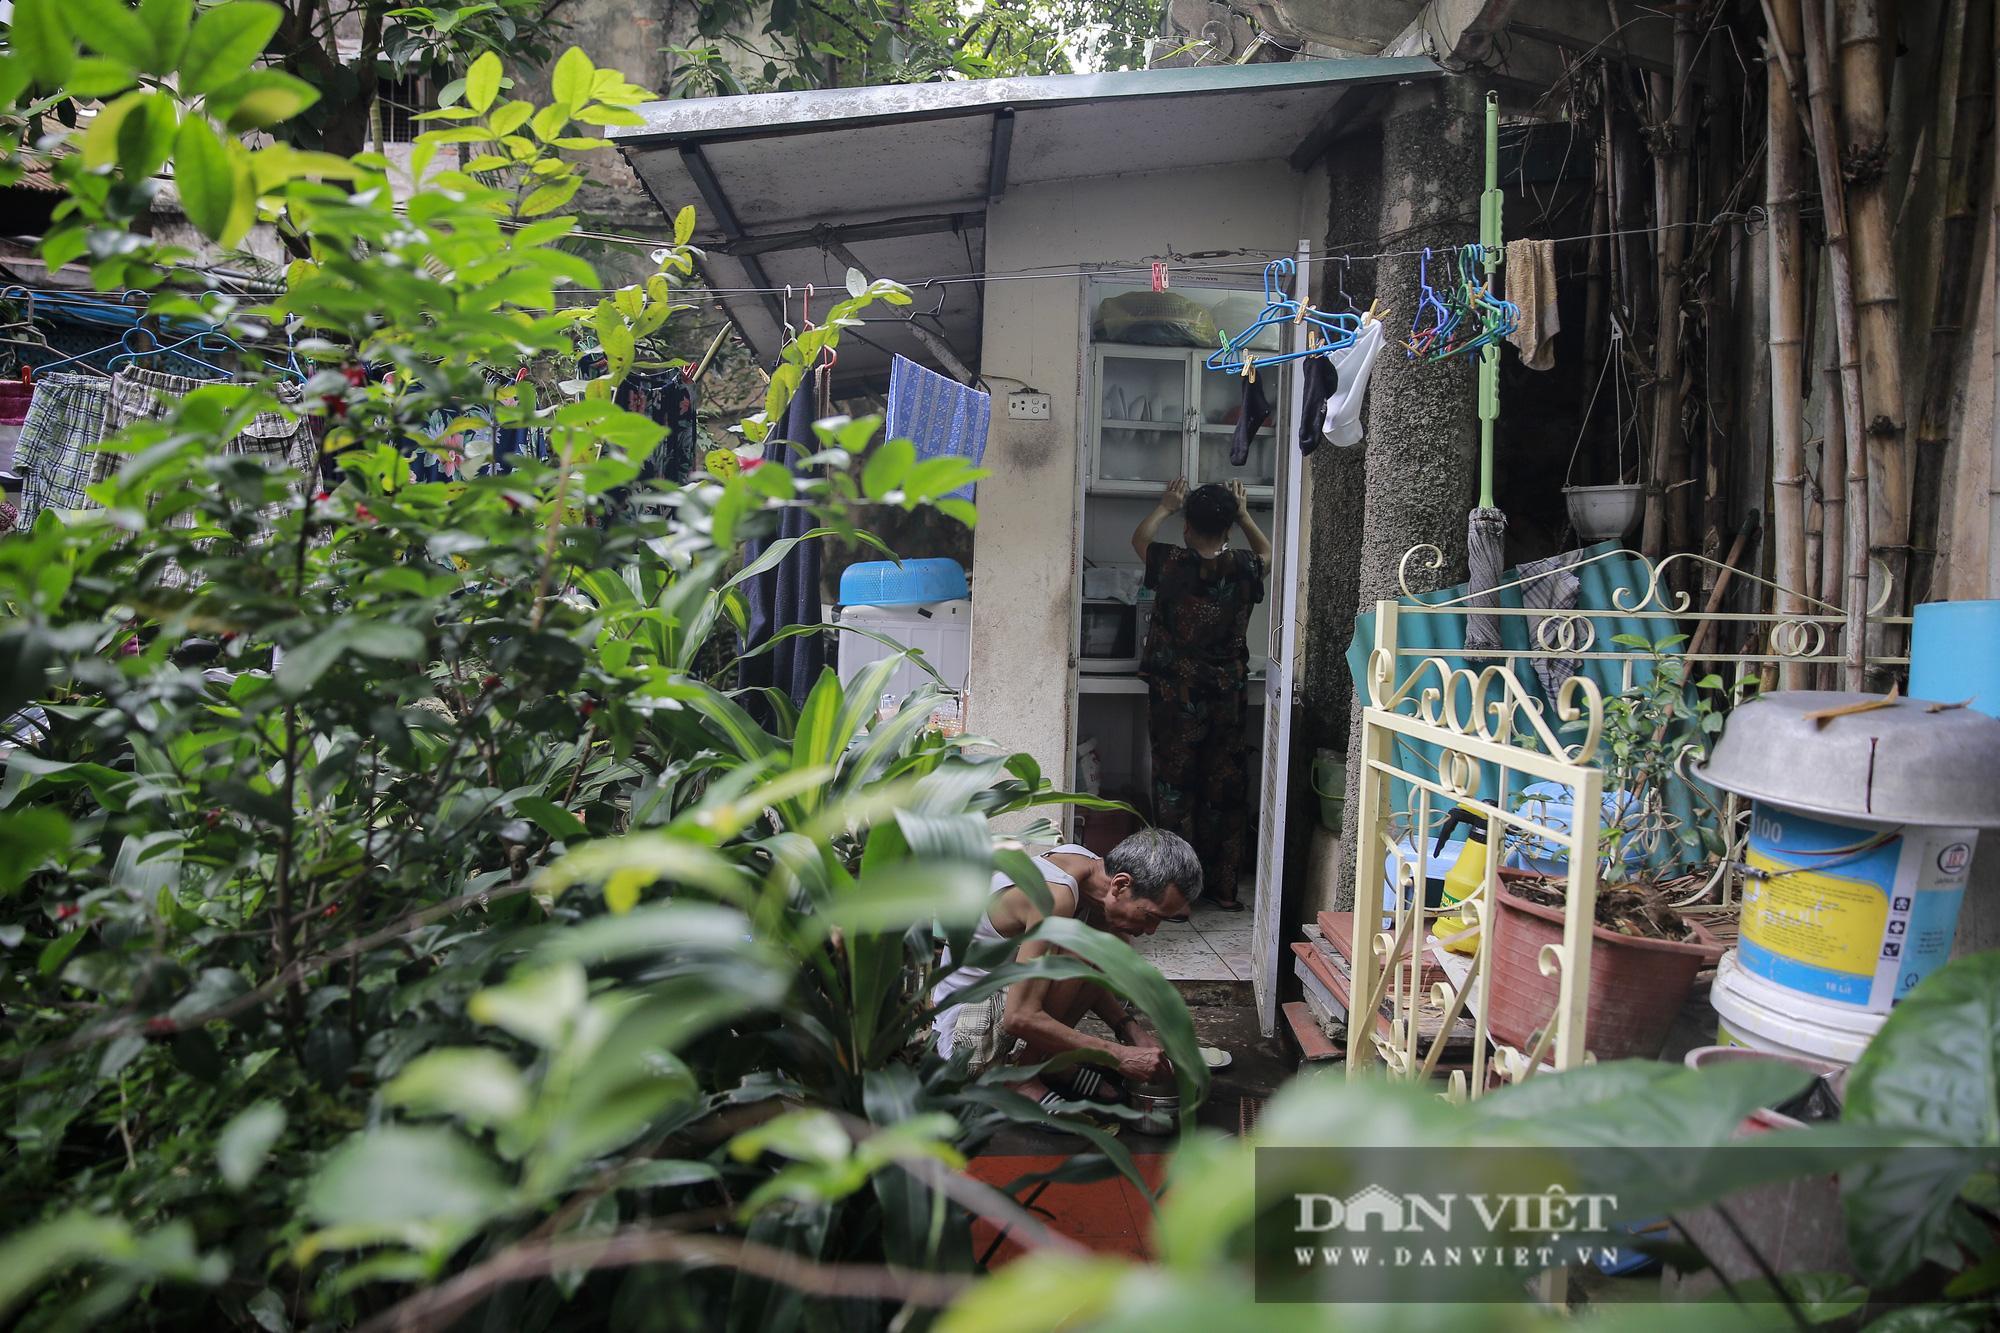 Khám phá ngôi nhà vườn xuyên phố duy nhất ở phố cổ Hà Nội - Ảnh 13.